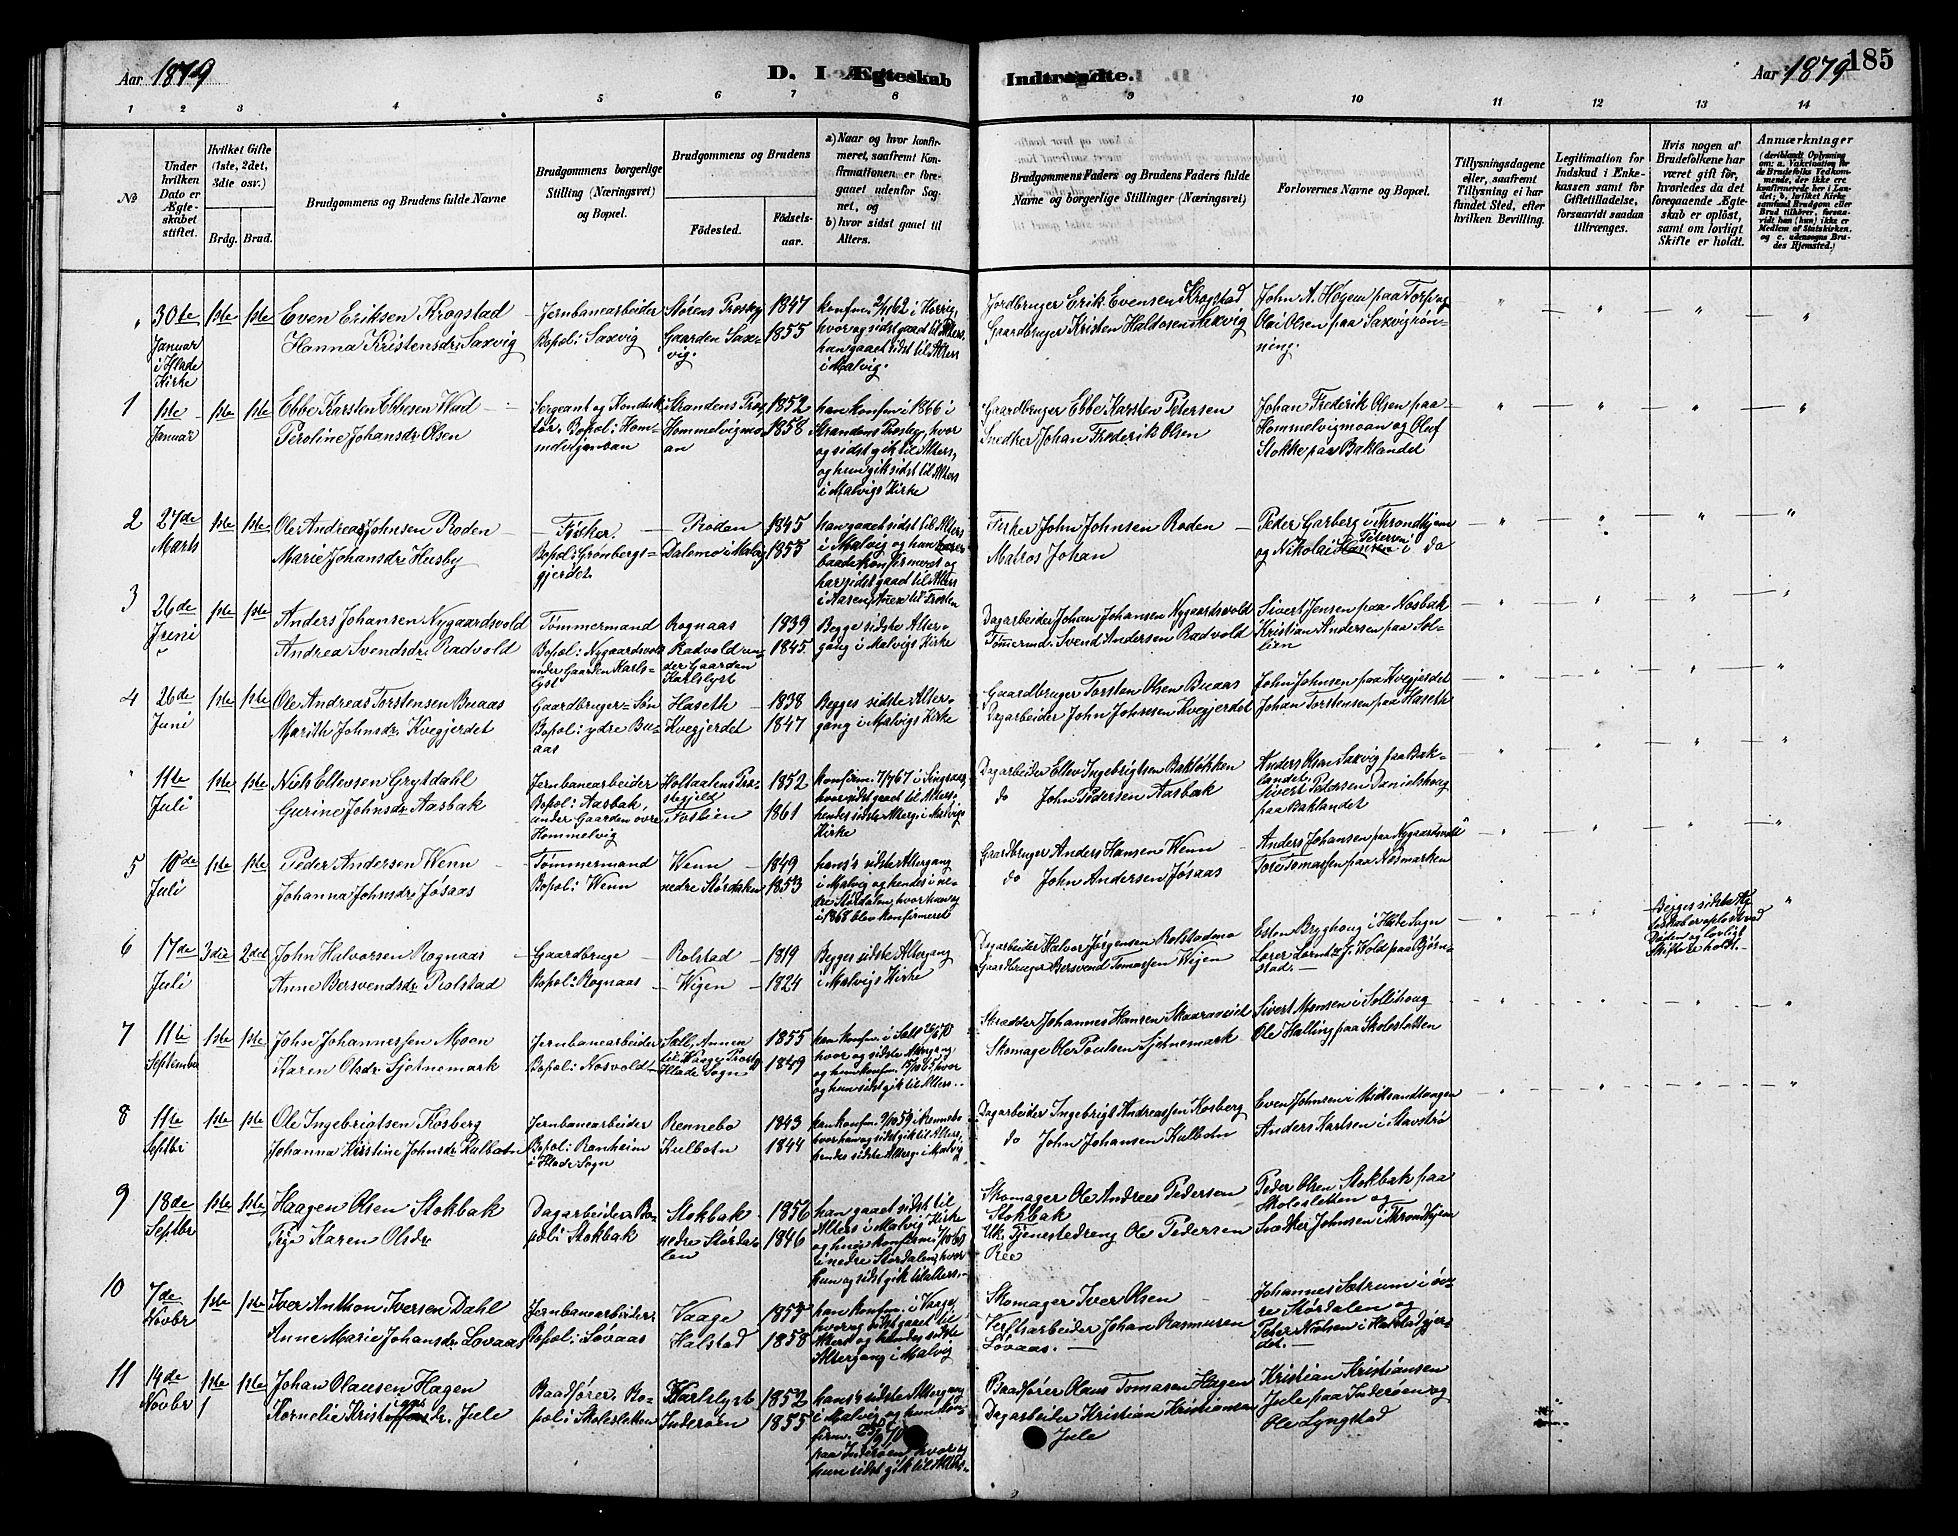 SAT, Ministerialprotokoller, klokkerbøker og fødselsregistre - Sør-Trøndelag, 616/L0423: Klokkerbok nr. 616C06, 1878-1903, s. 185